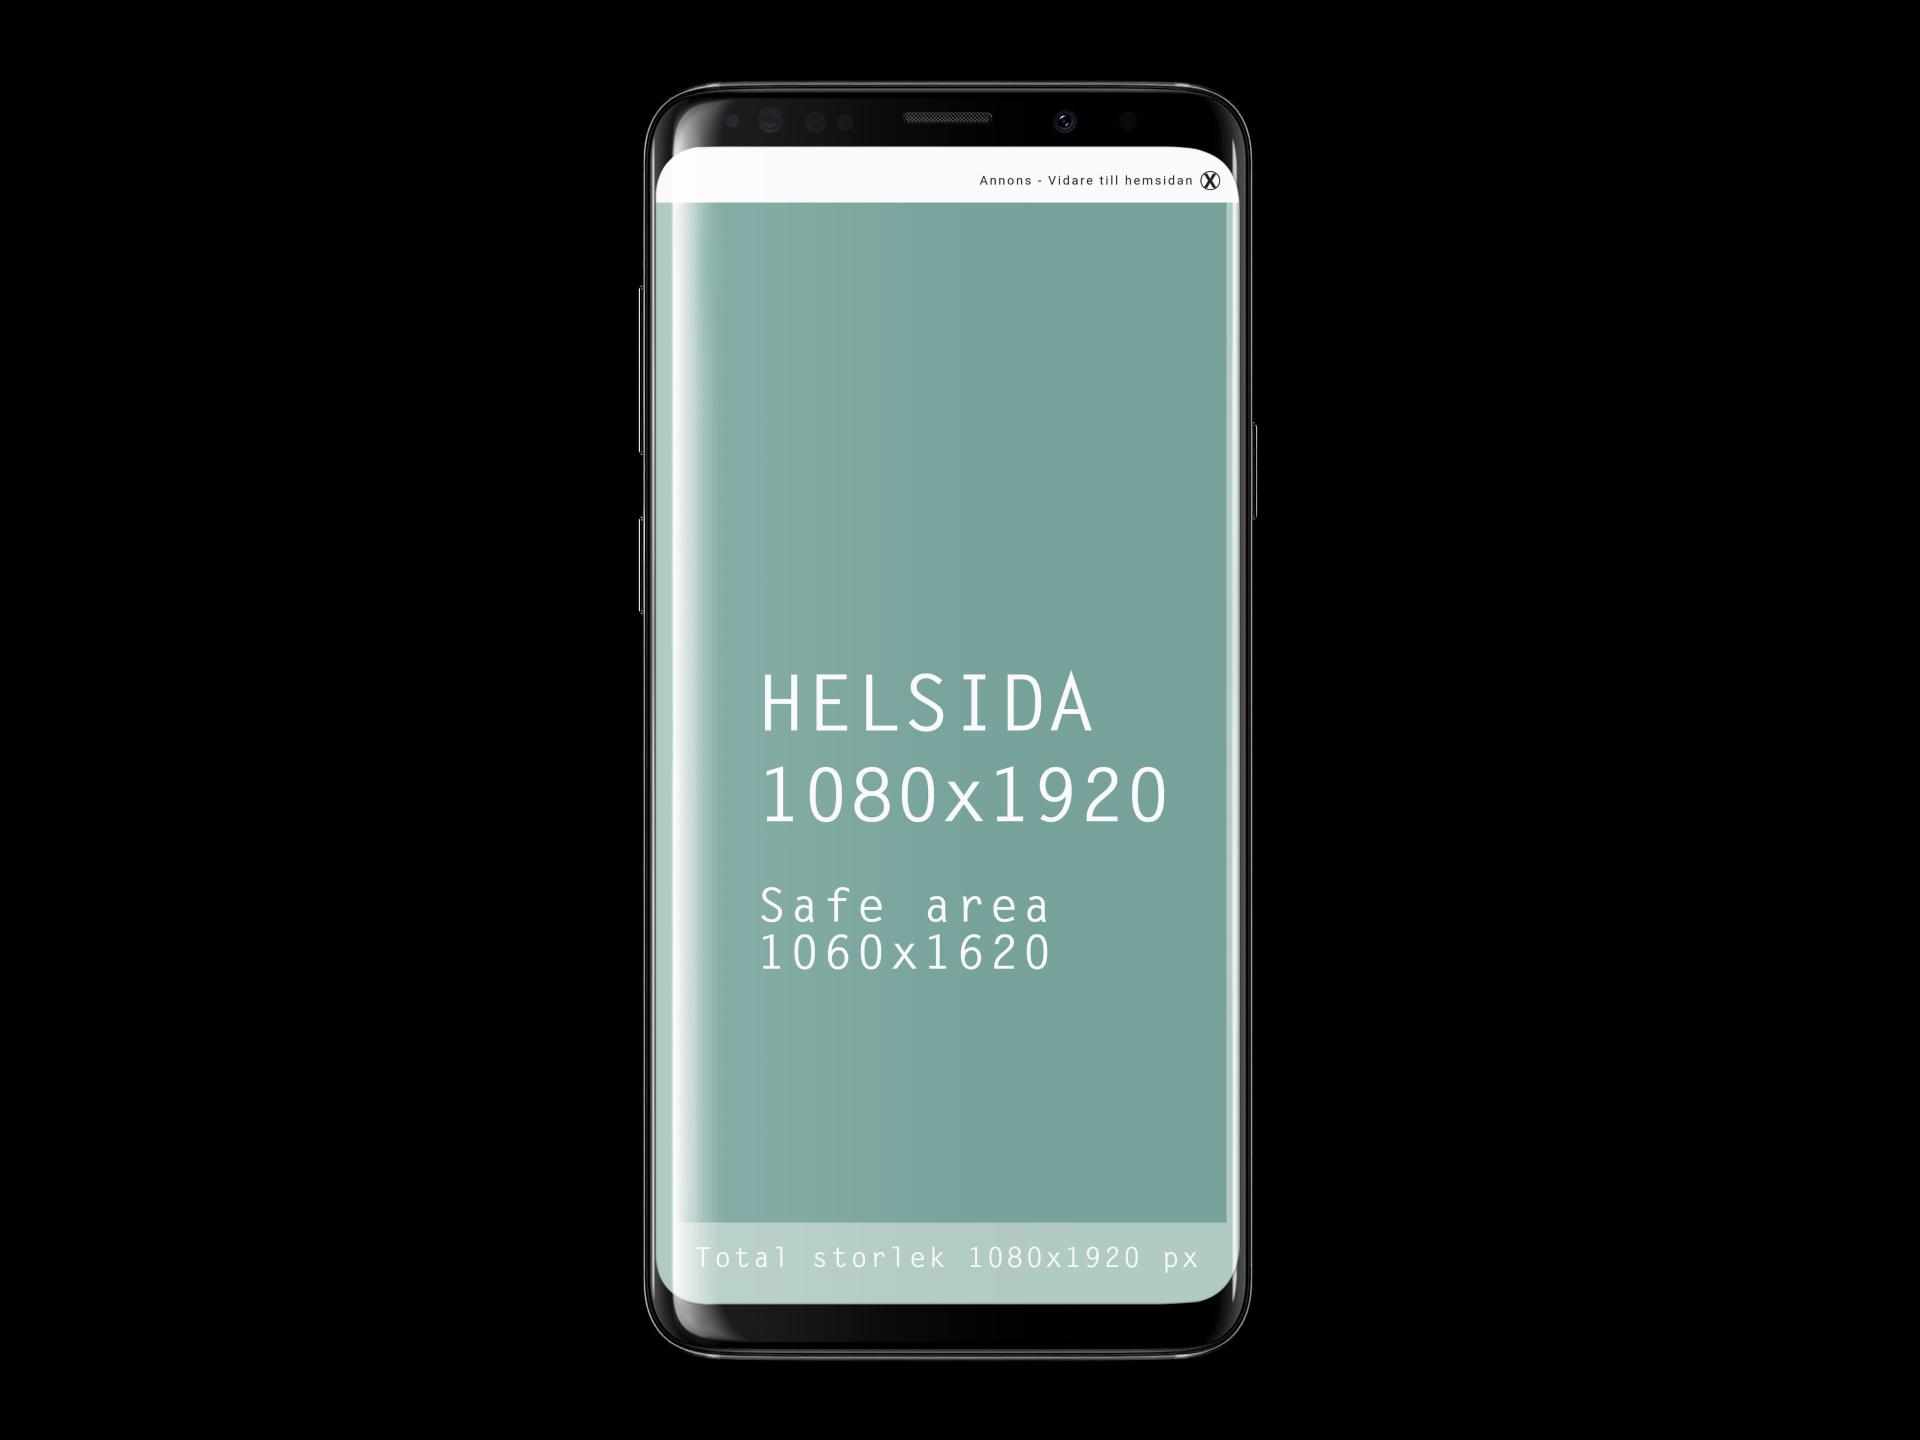 Helsida - Mobil